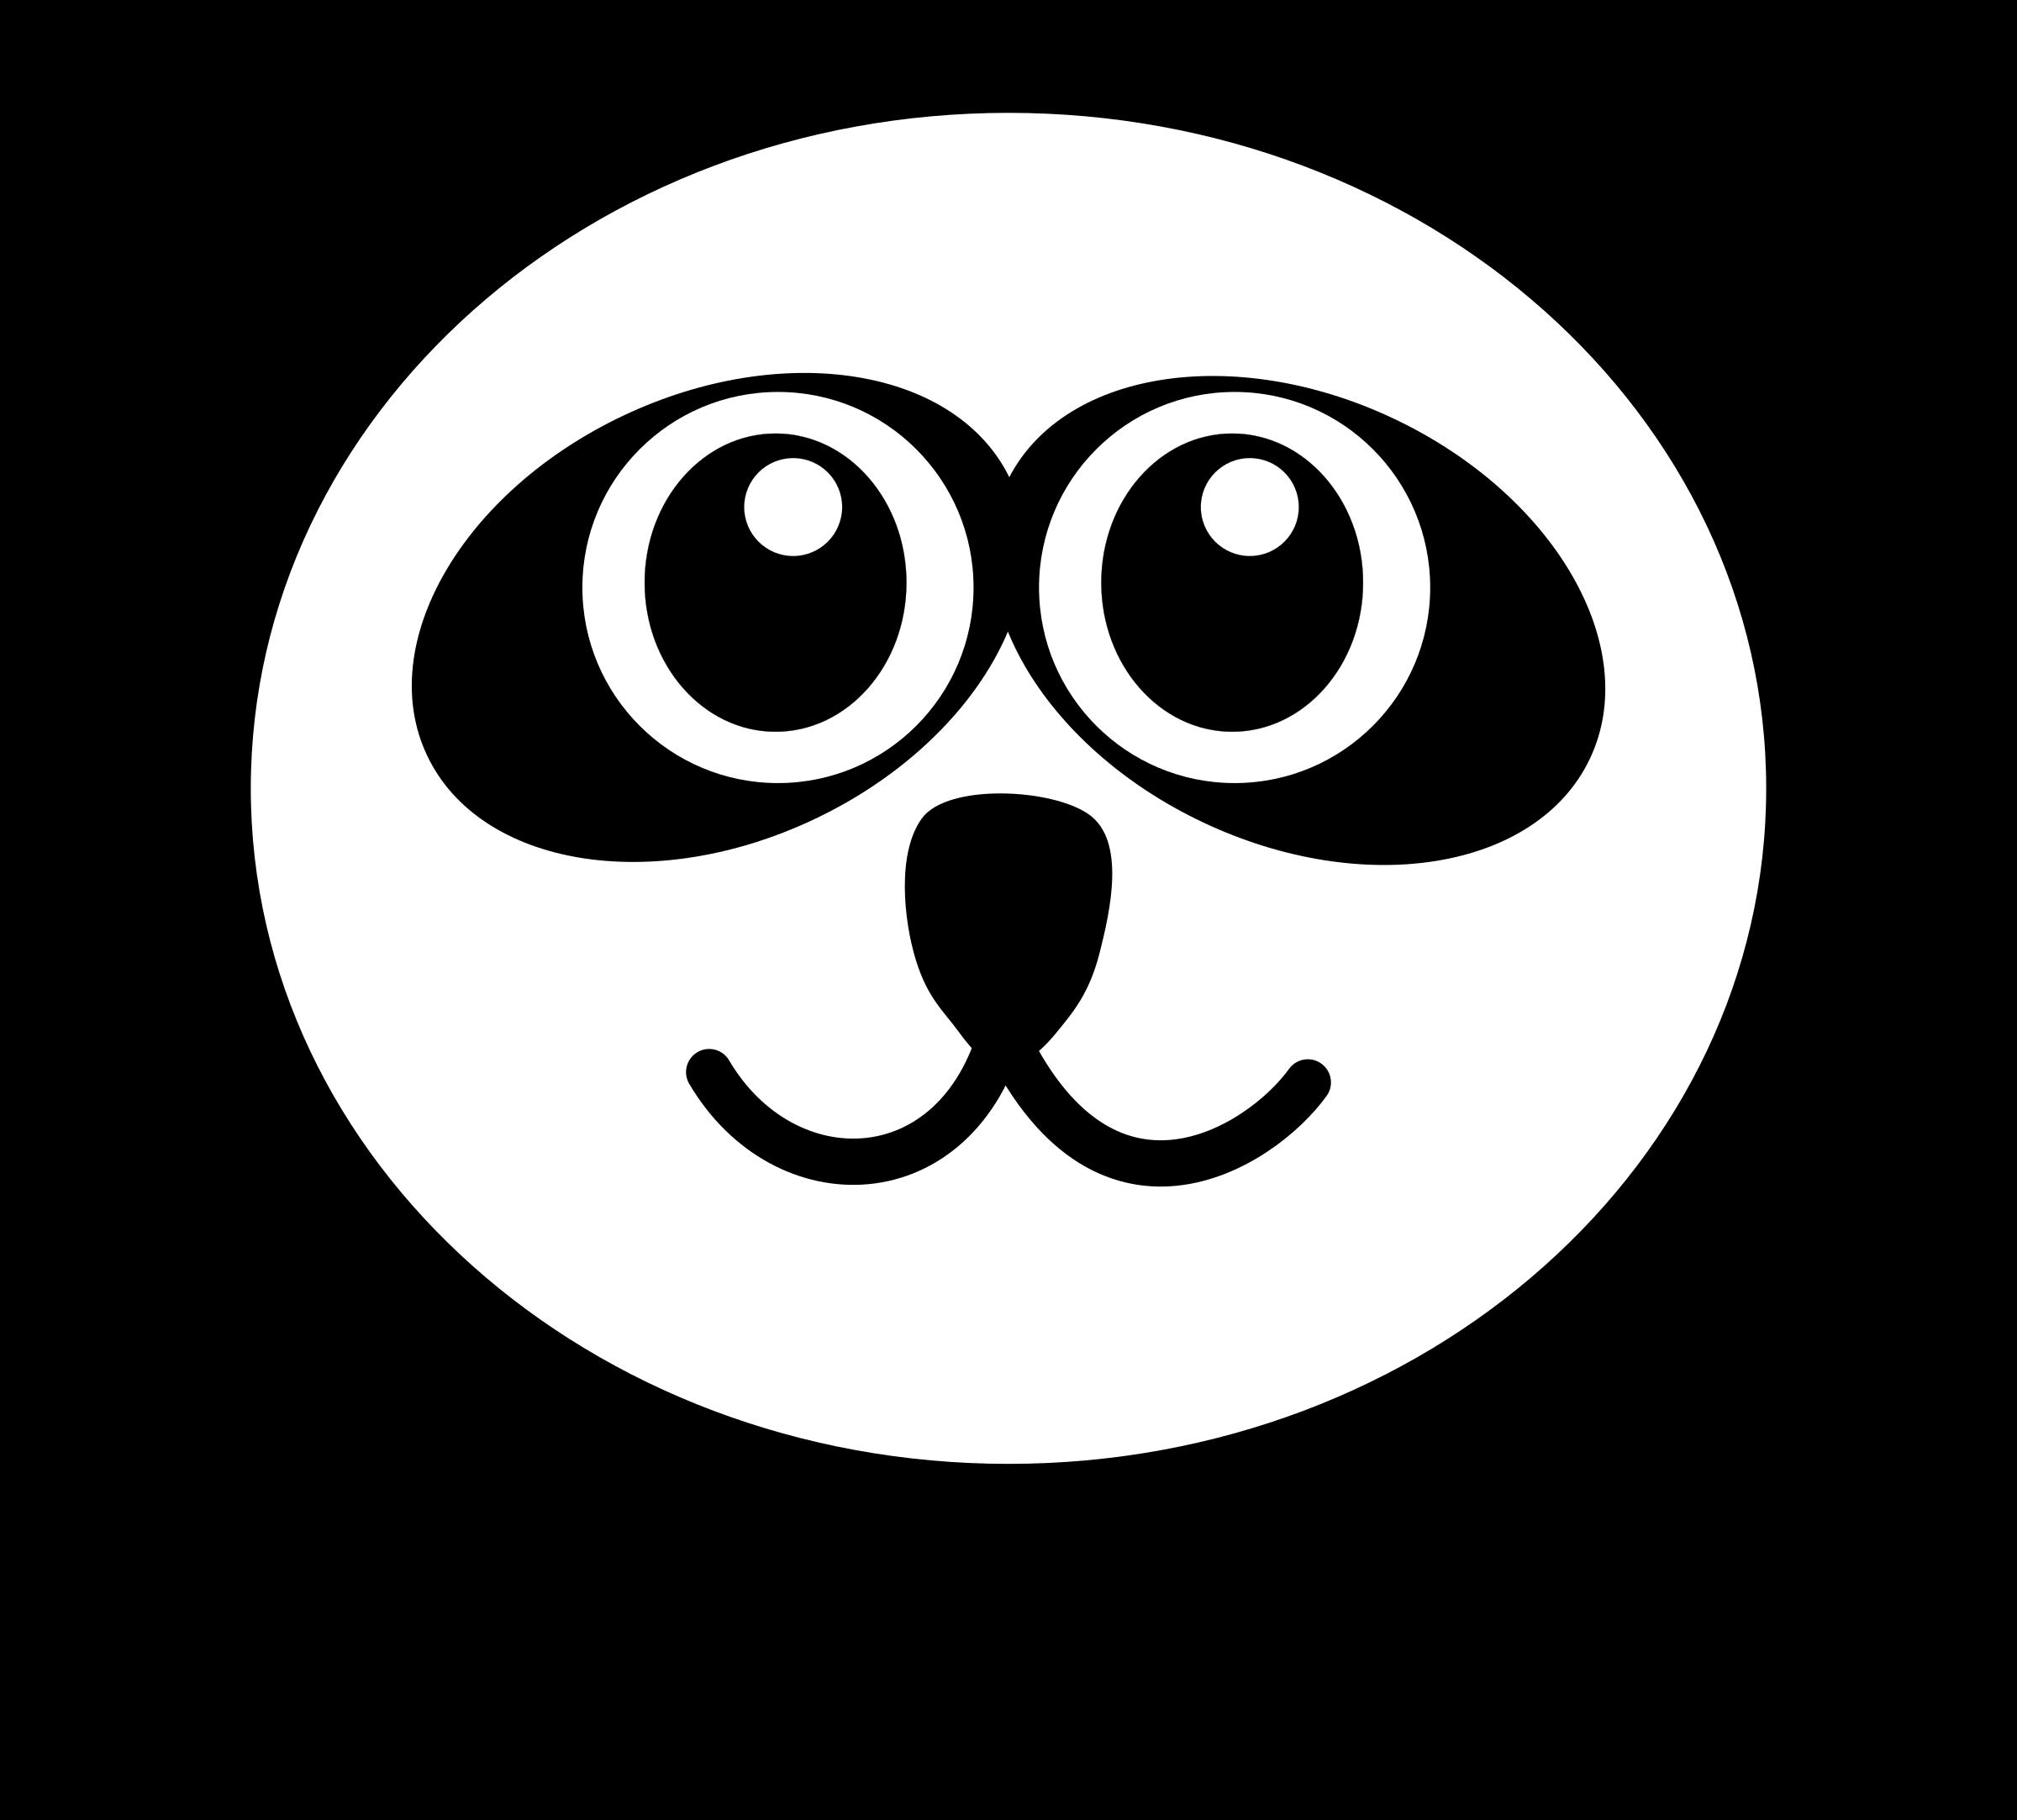 Panda clipart black and white Funny face black white panda